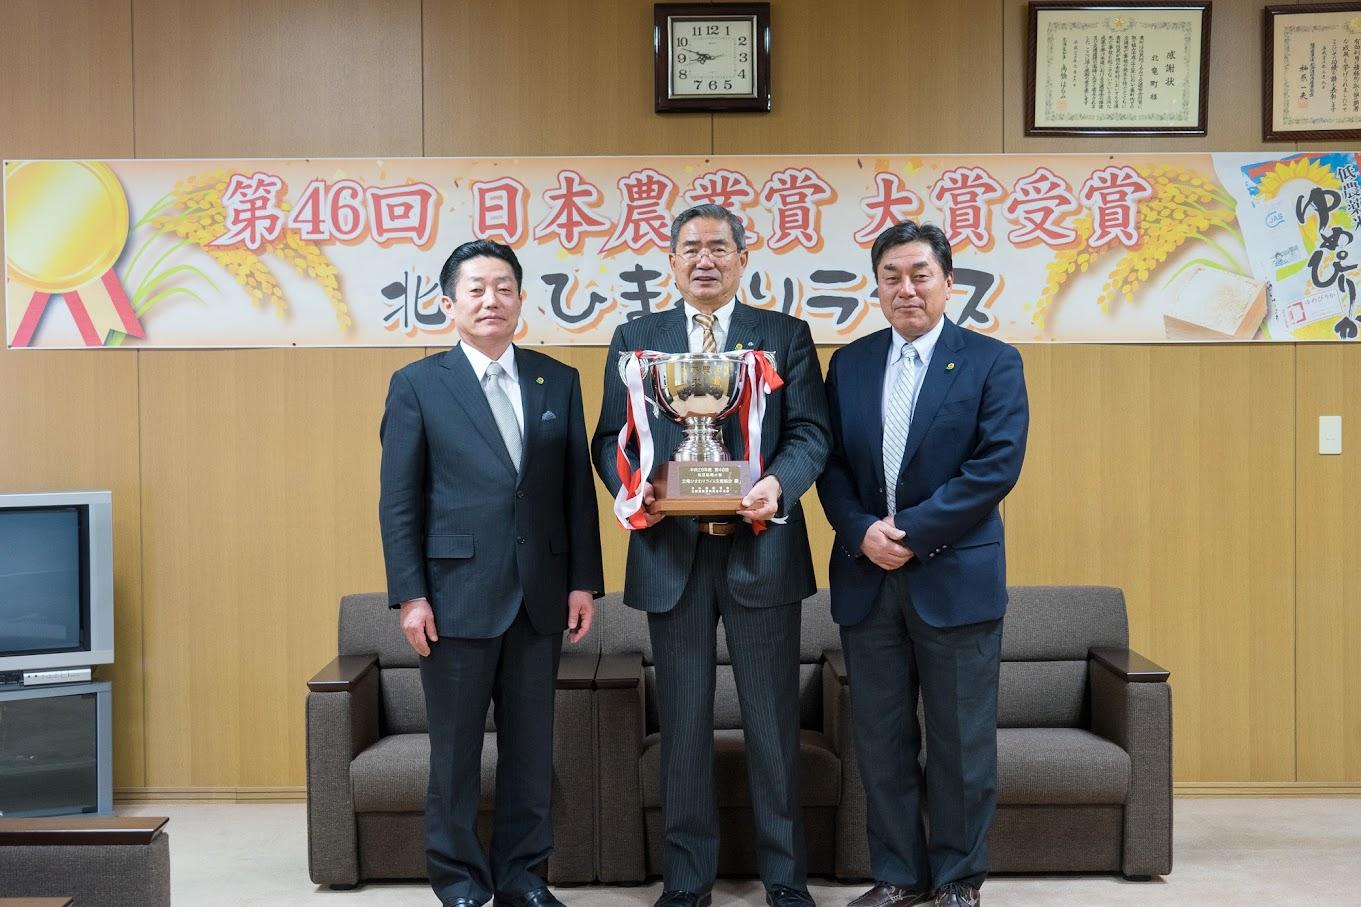 日本農業賞大賞受賞の北竜町・佐野町長への報告